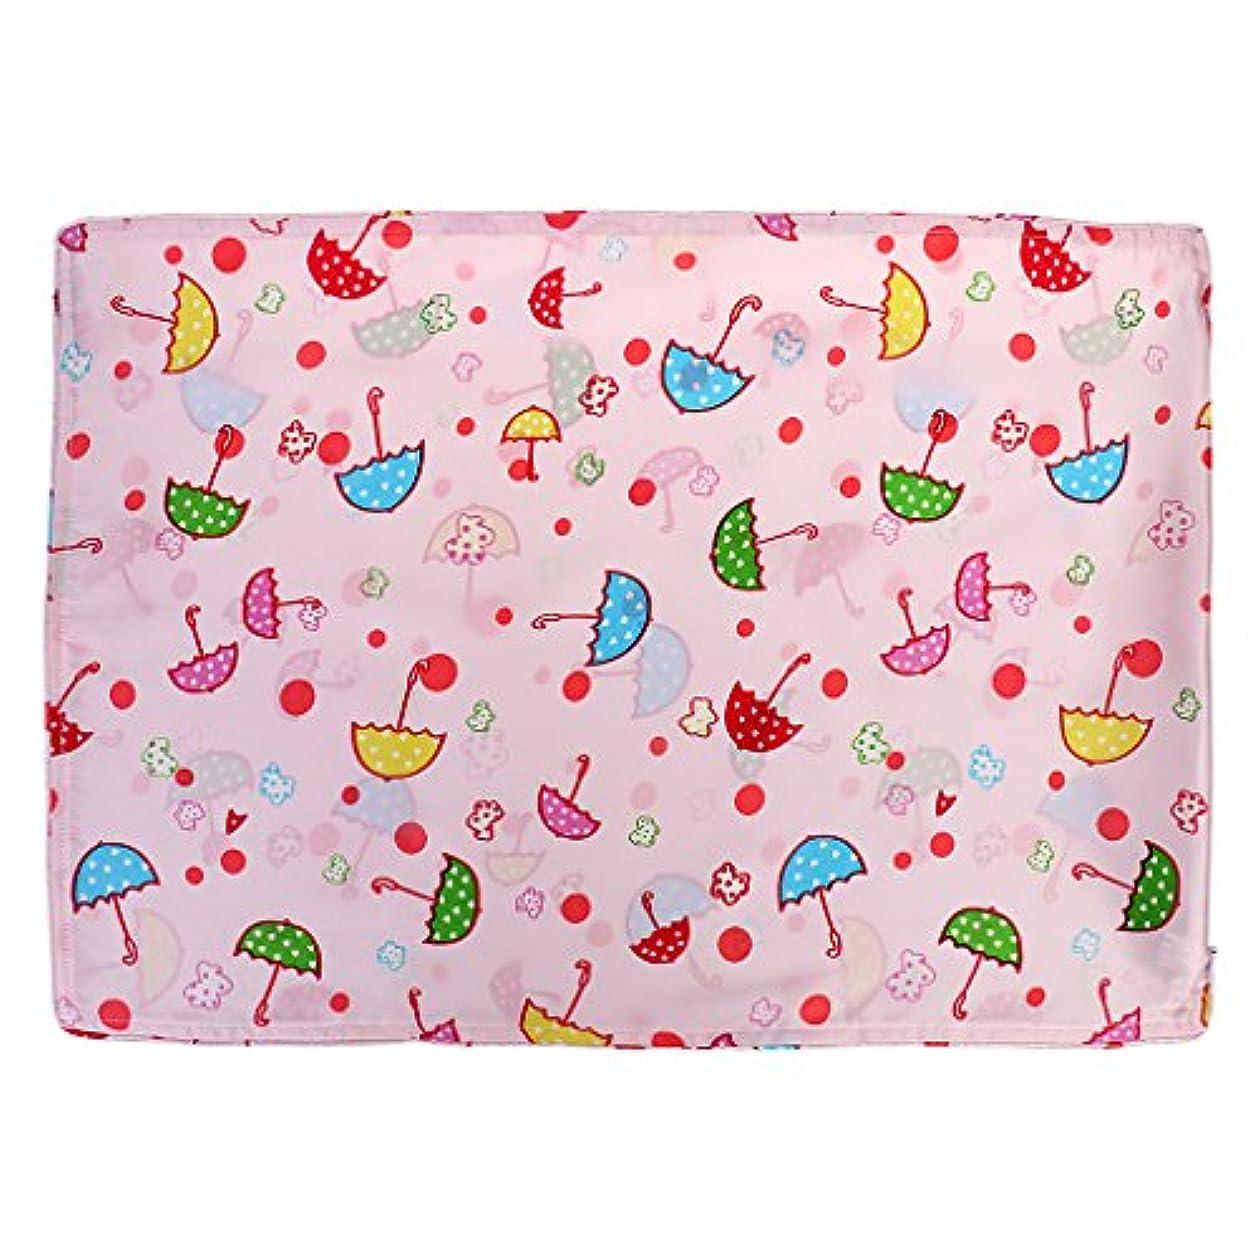 旧正月道徳の太陽かわいいベビーキッズ100%シルクサテン両面枕カバー30 * 55センチメートル傘ピンク